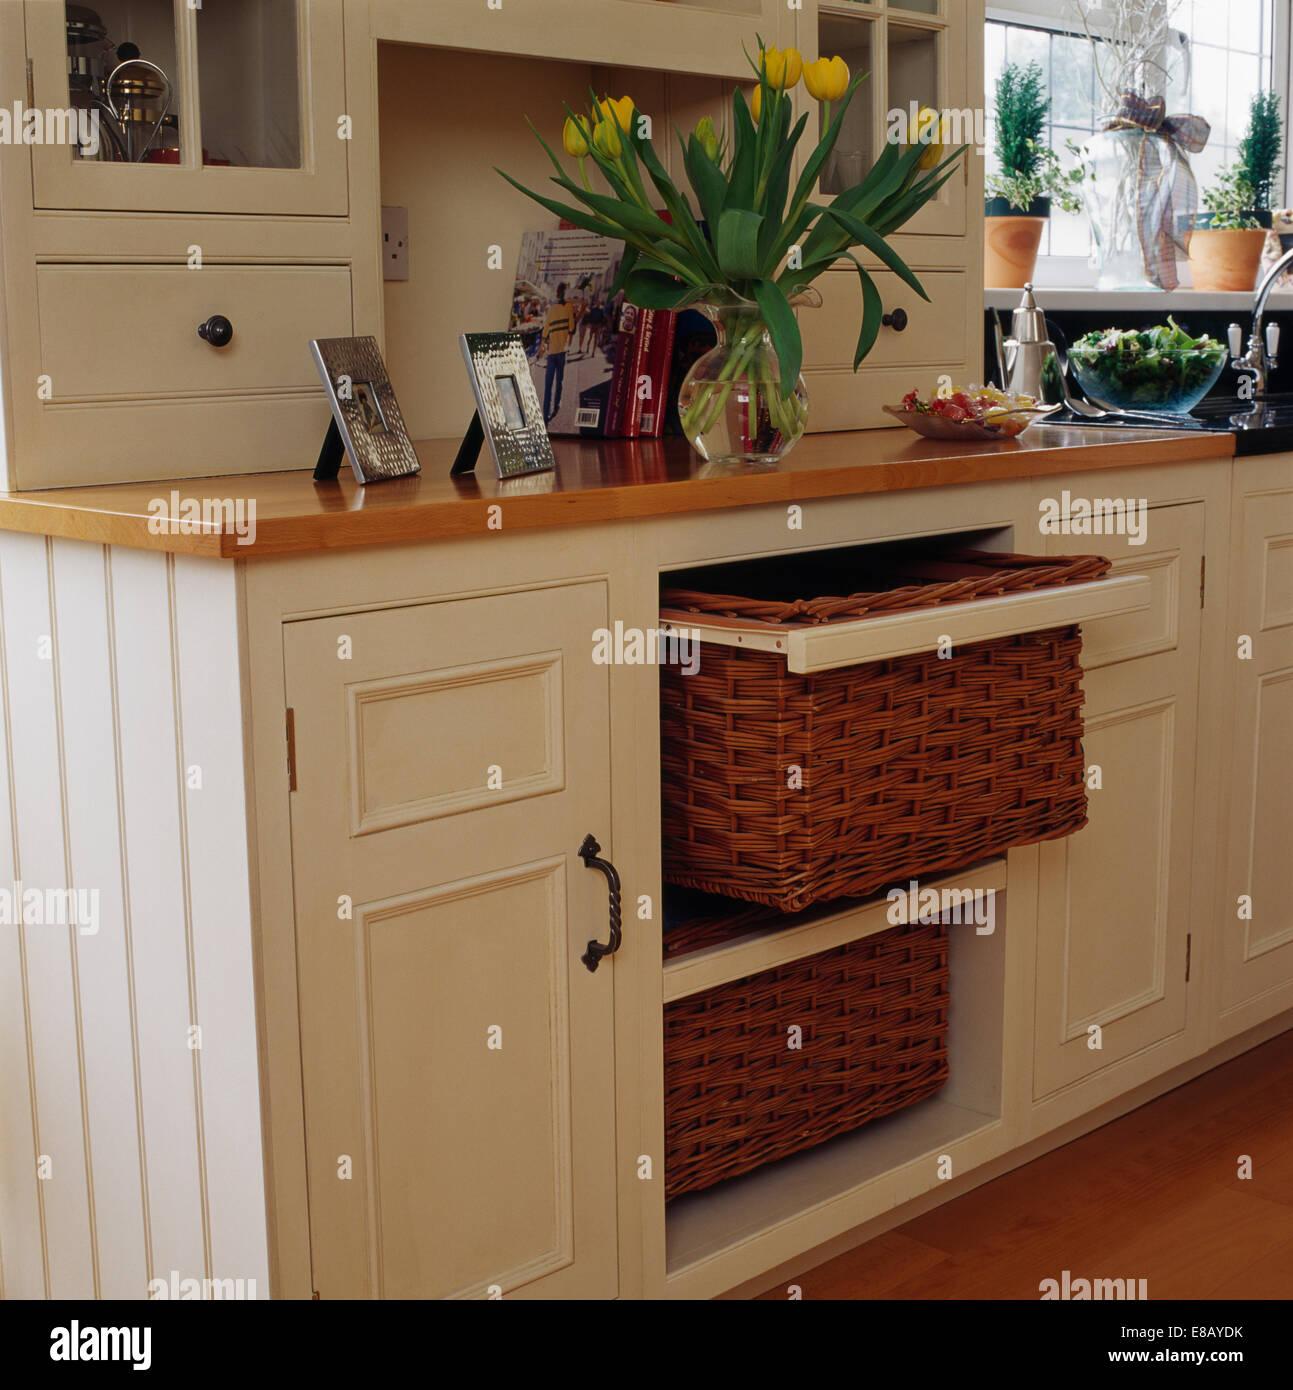 Storage unit for kitchen - Download